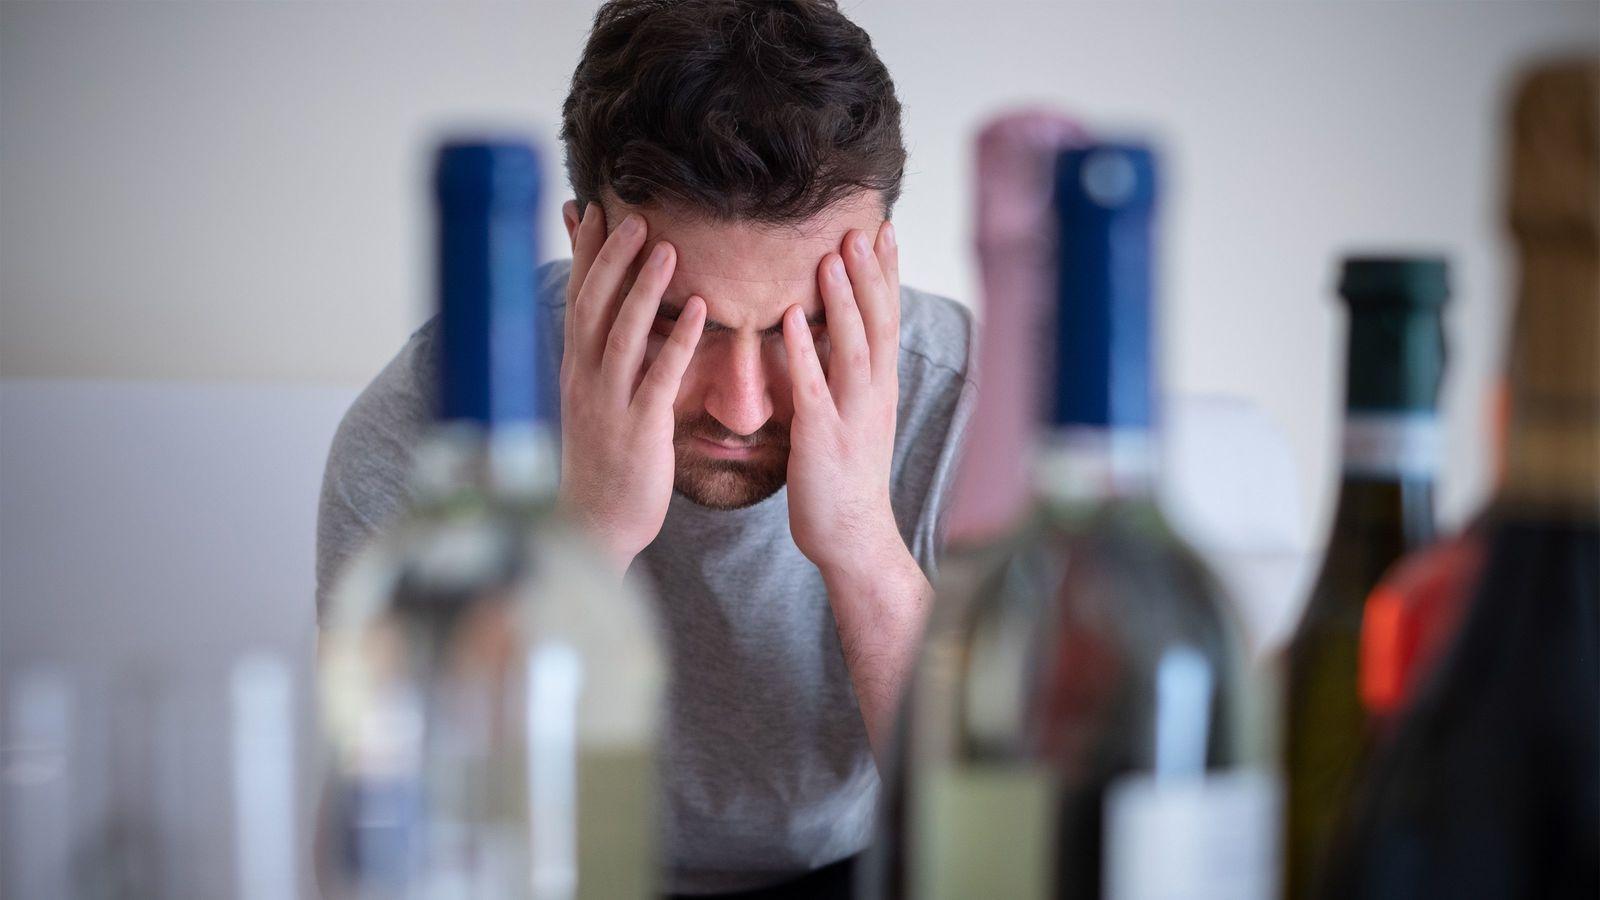 「飲酒・やけ食い・買い物」でのストレス解消は逆効果だ イライラしたら「ストレッチ」がいい